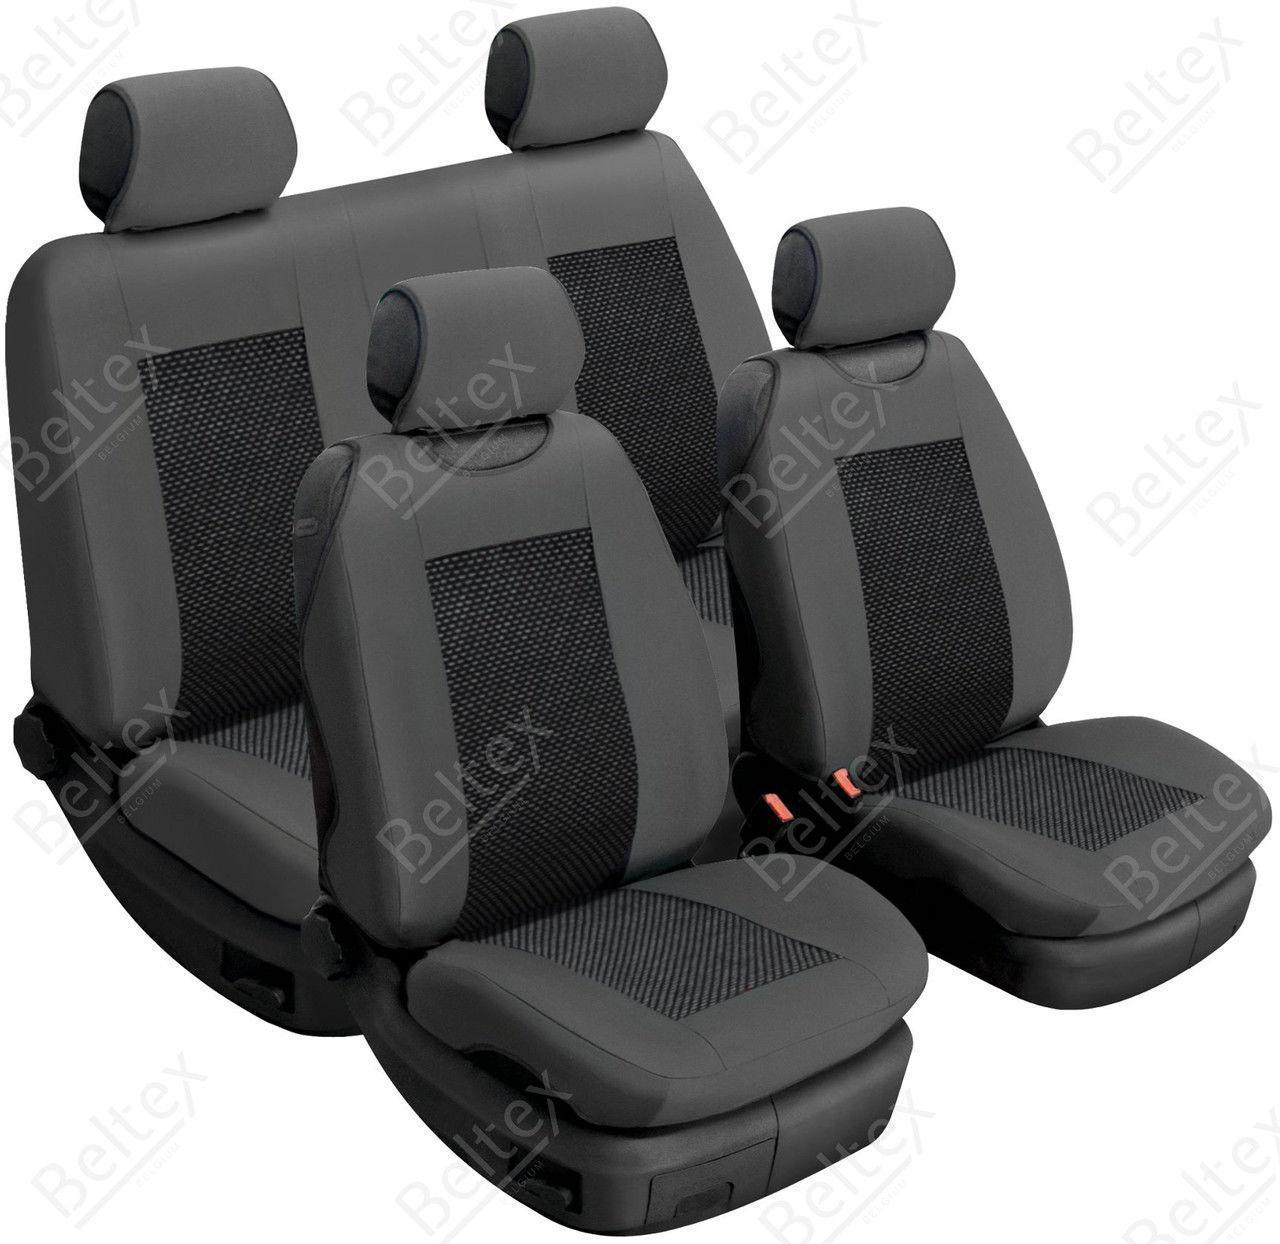 Майки/чехлы на сиденья Фольксваген Гольф 3 (Volkswagen Golf III)